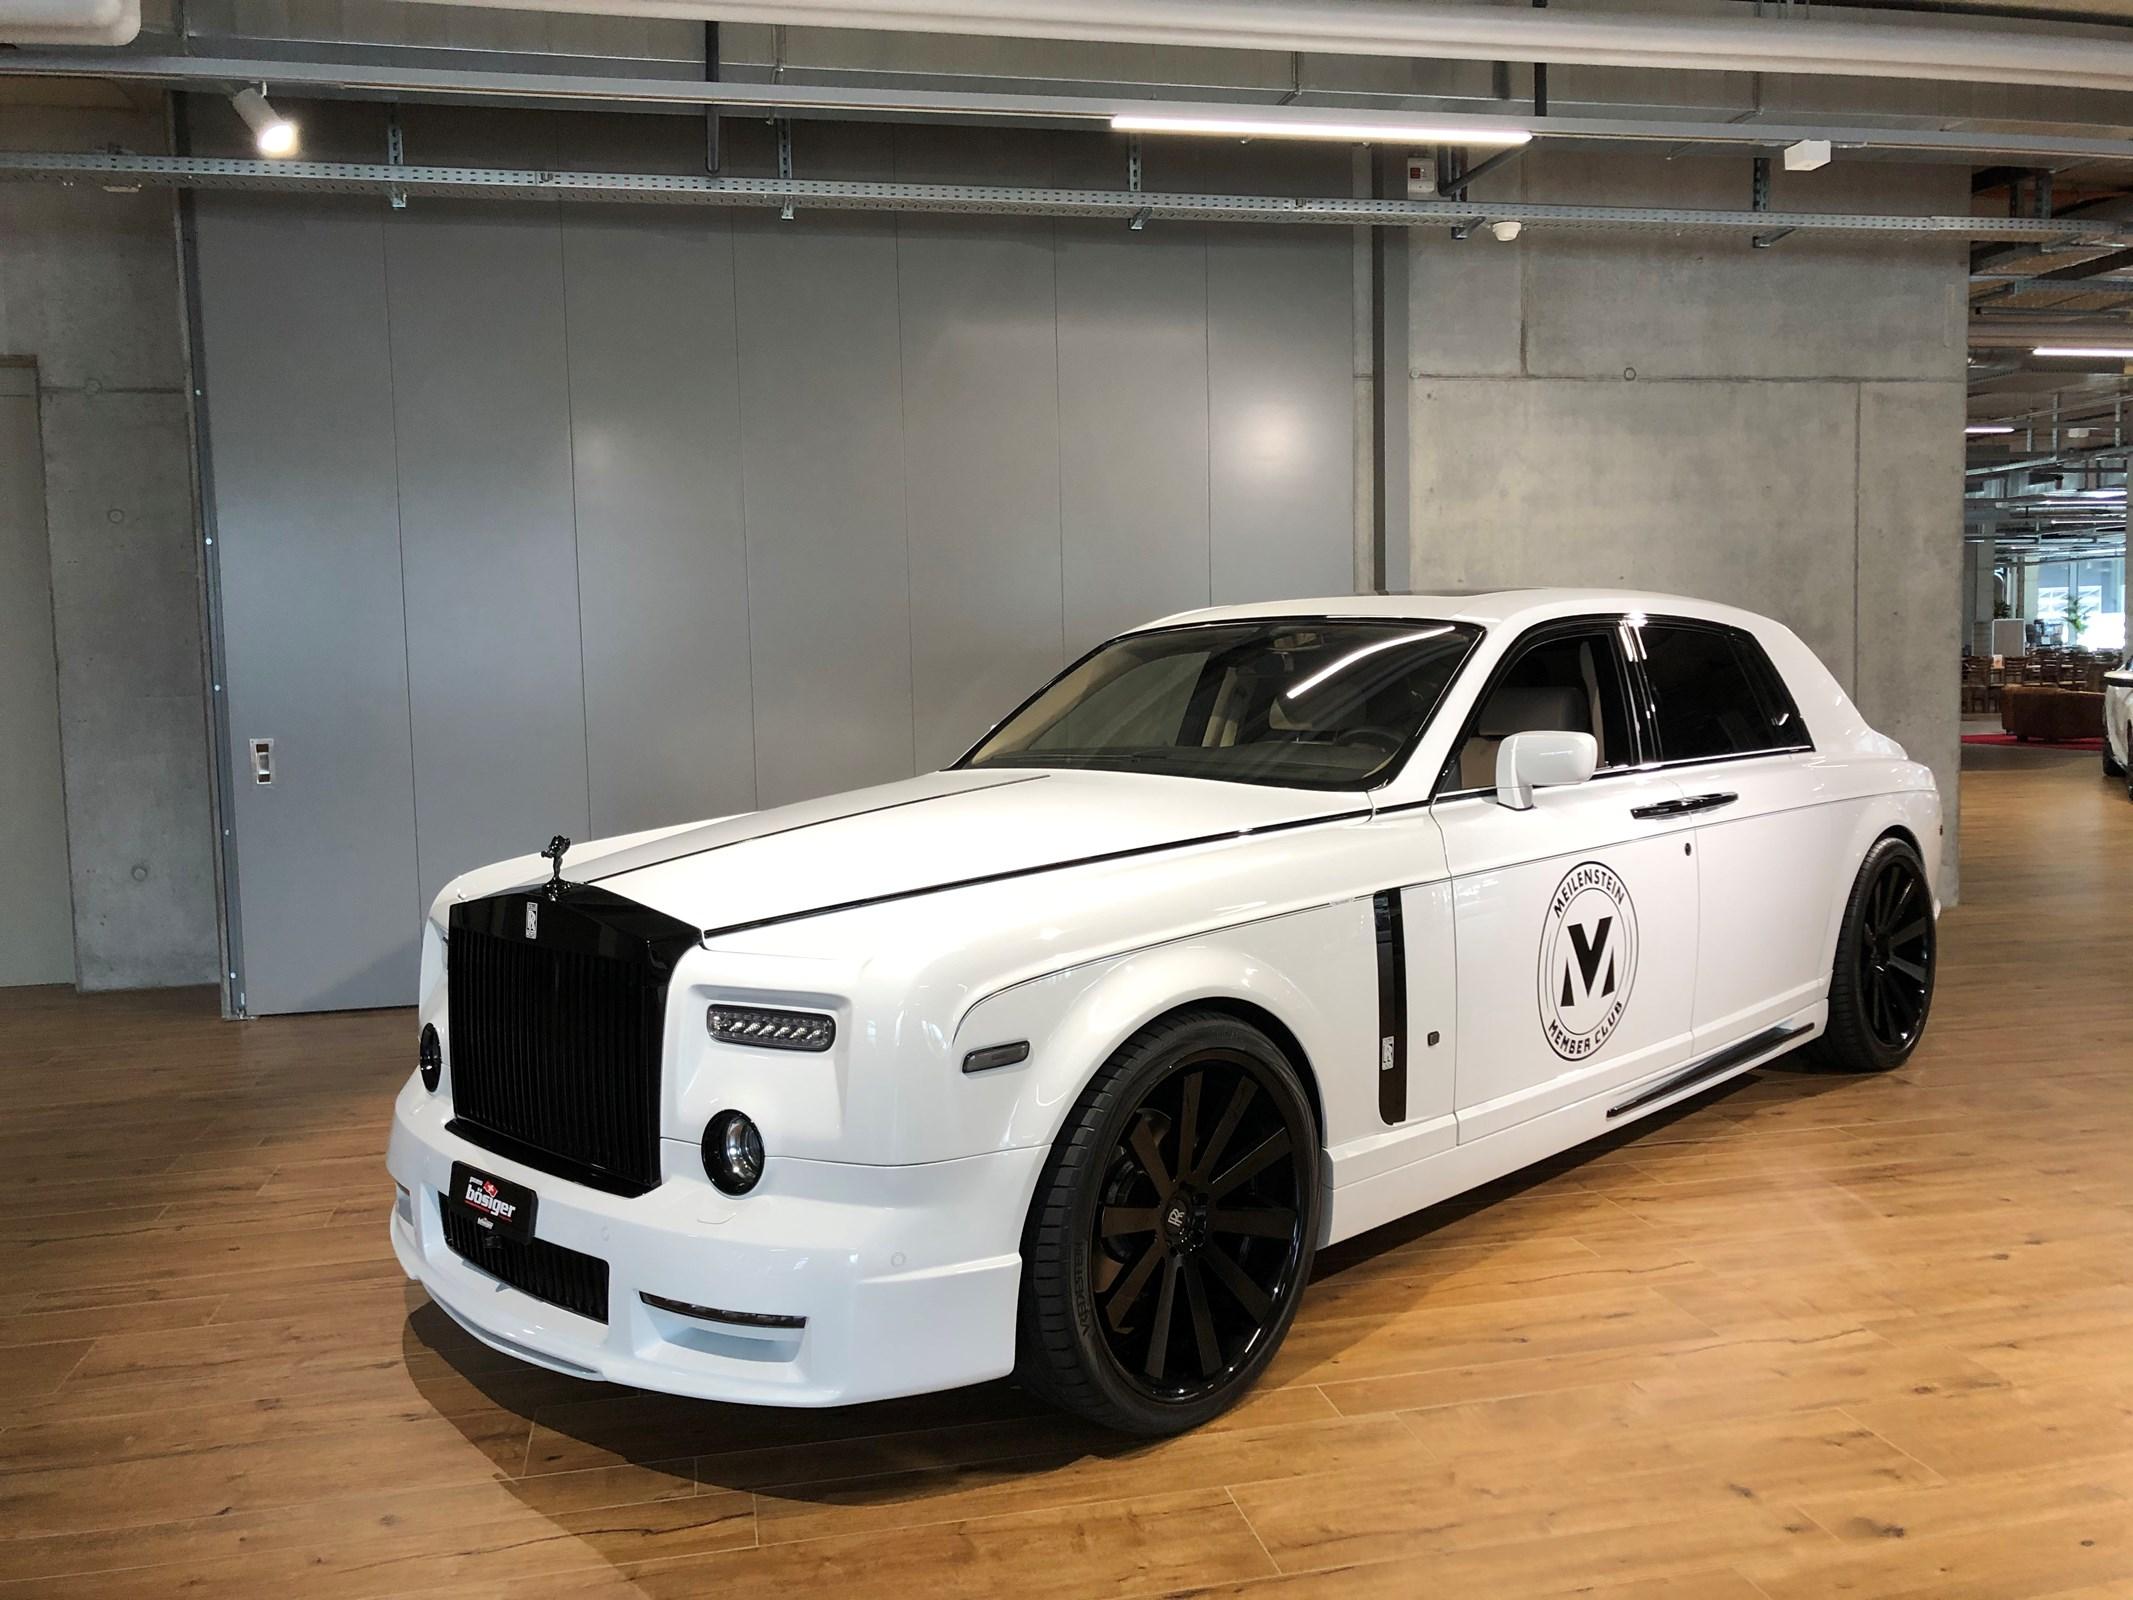 Buy Used Car Sedan Rolls Royce Phantom Mansory 48787 Km At 204900 Chf On Carforyou Ch